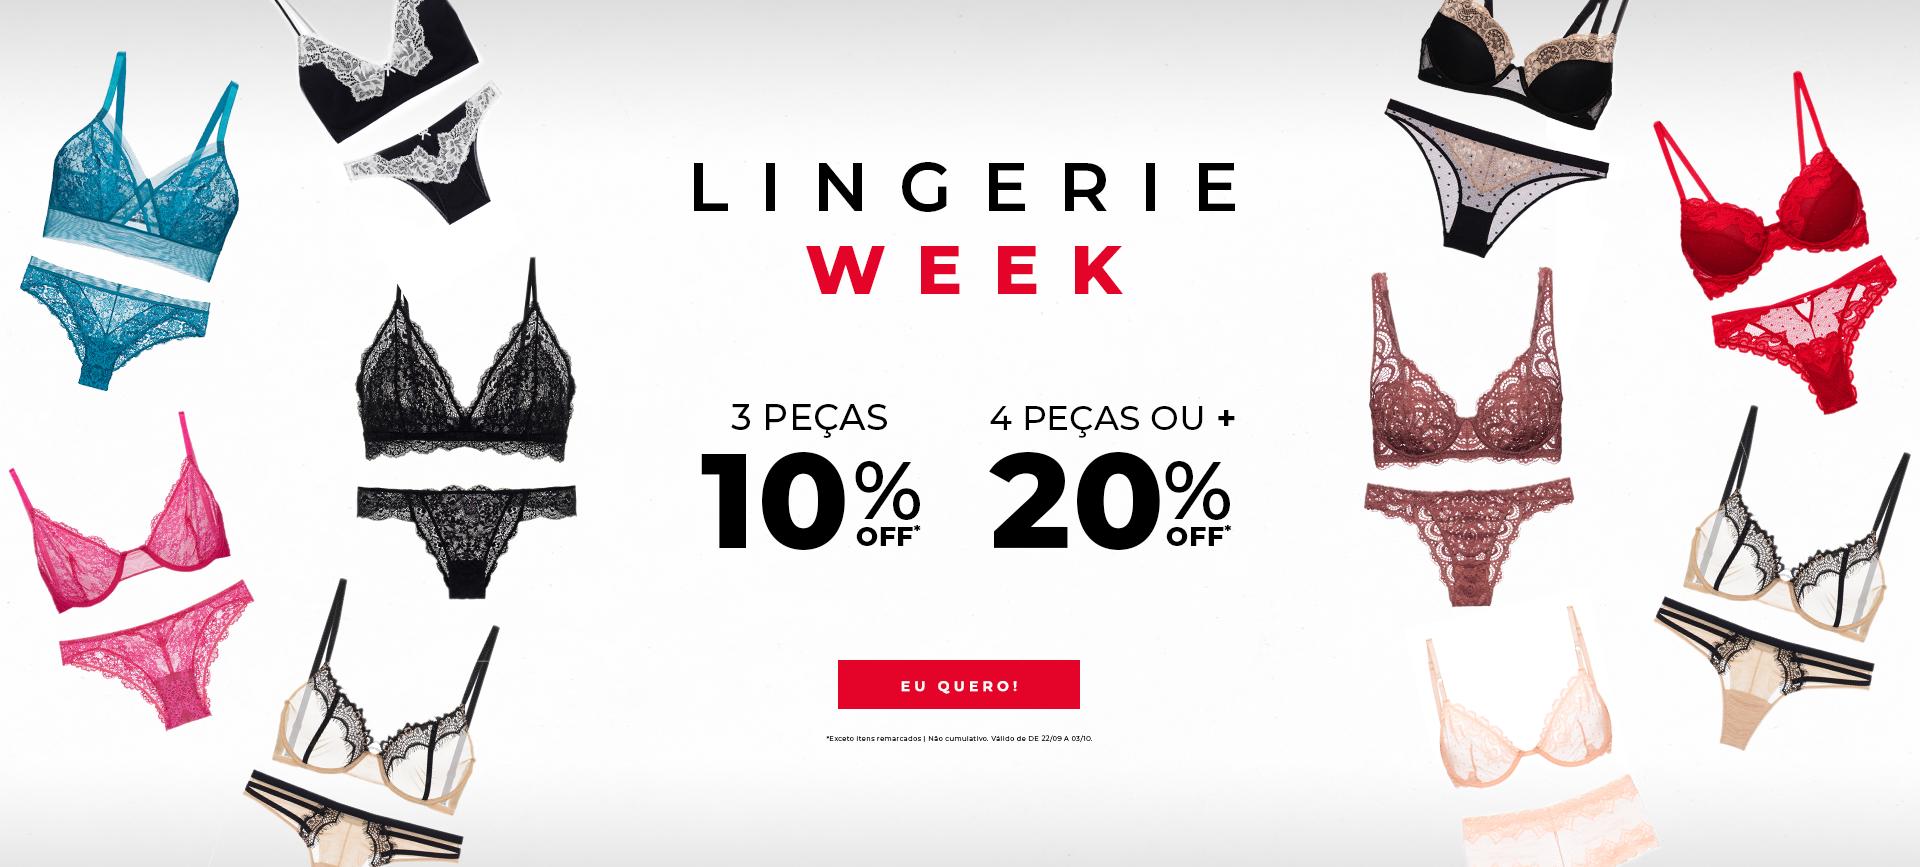 Lingerie week